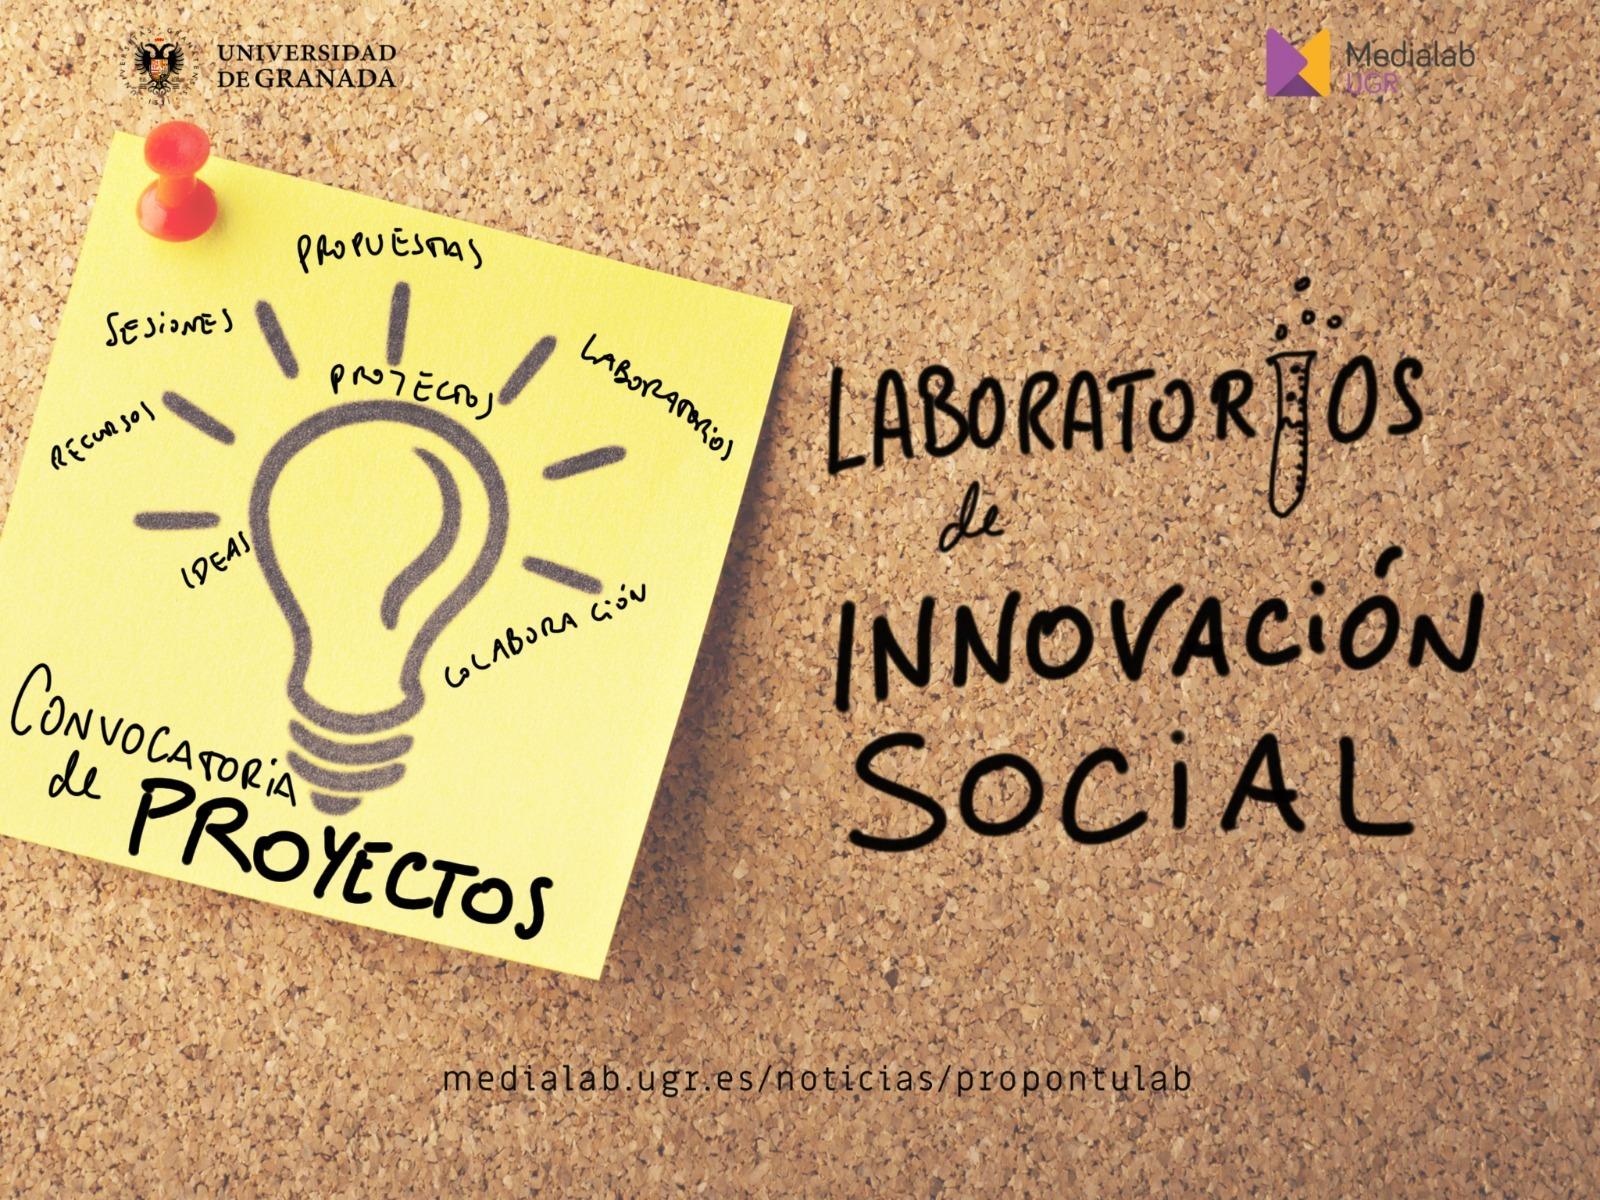 Abierta la convocatoria de proyectos de los Laboratorios de Innovación Social